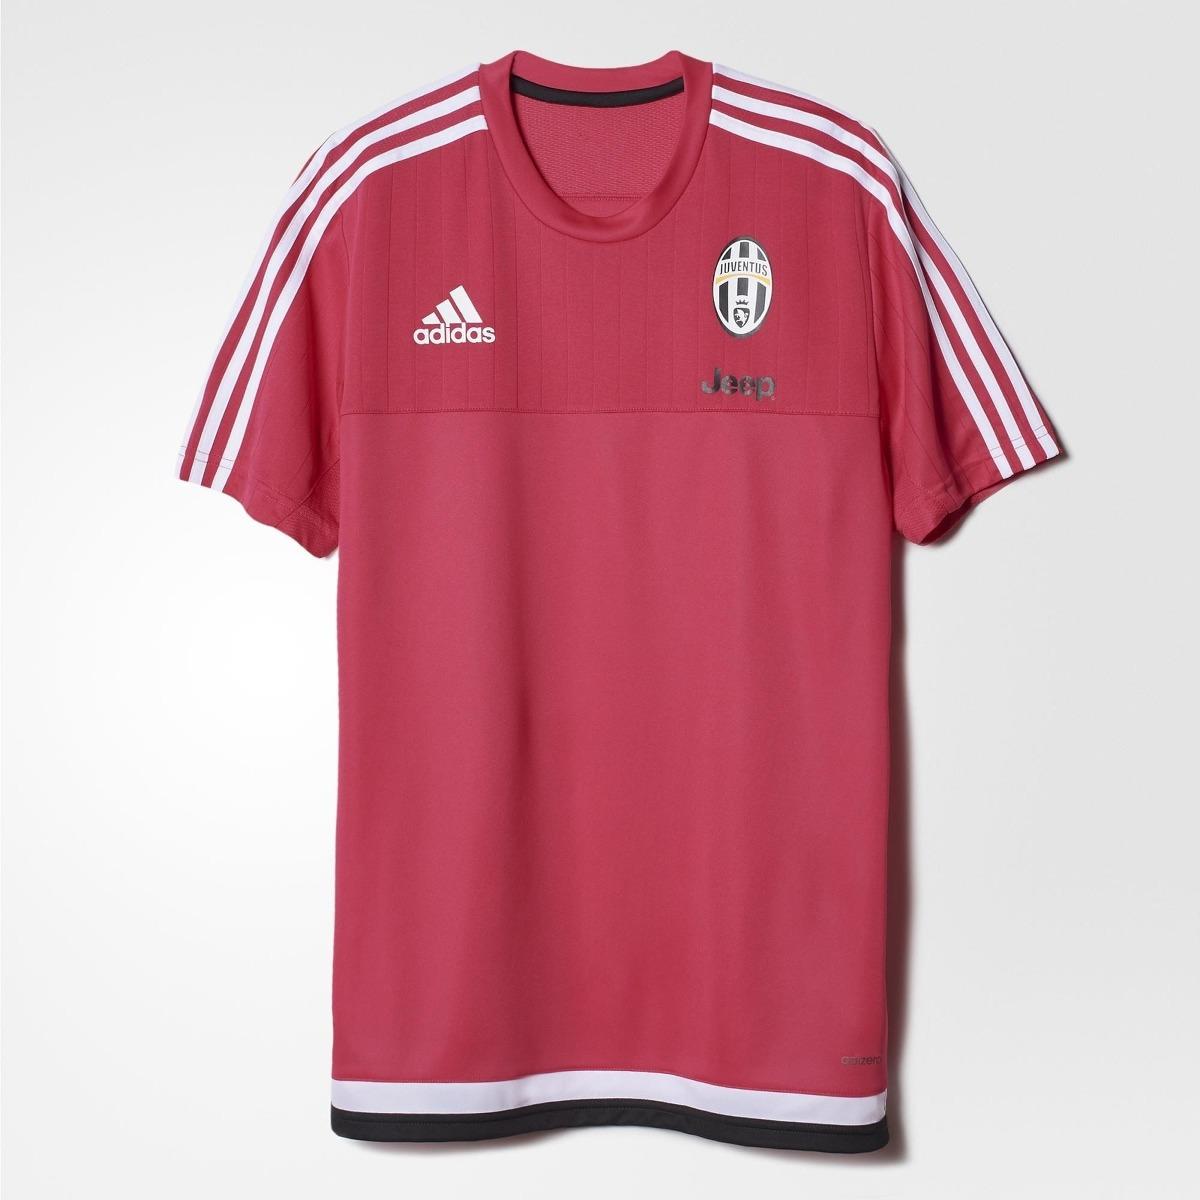 9bef876252290 camiseta adidas de treino juventus 2016 rosa original. Carregando zoom.